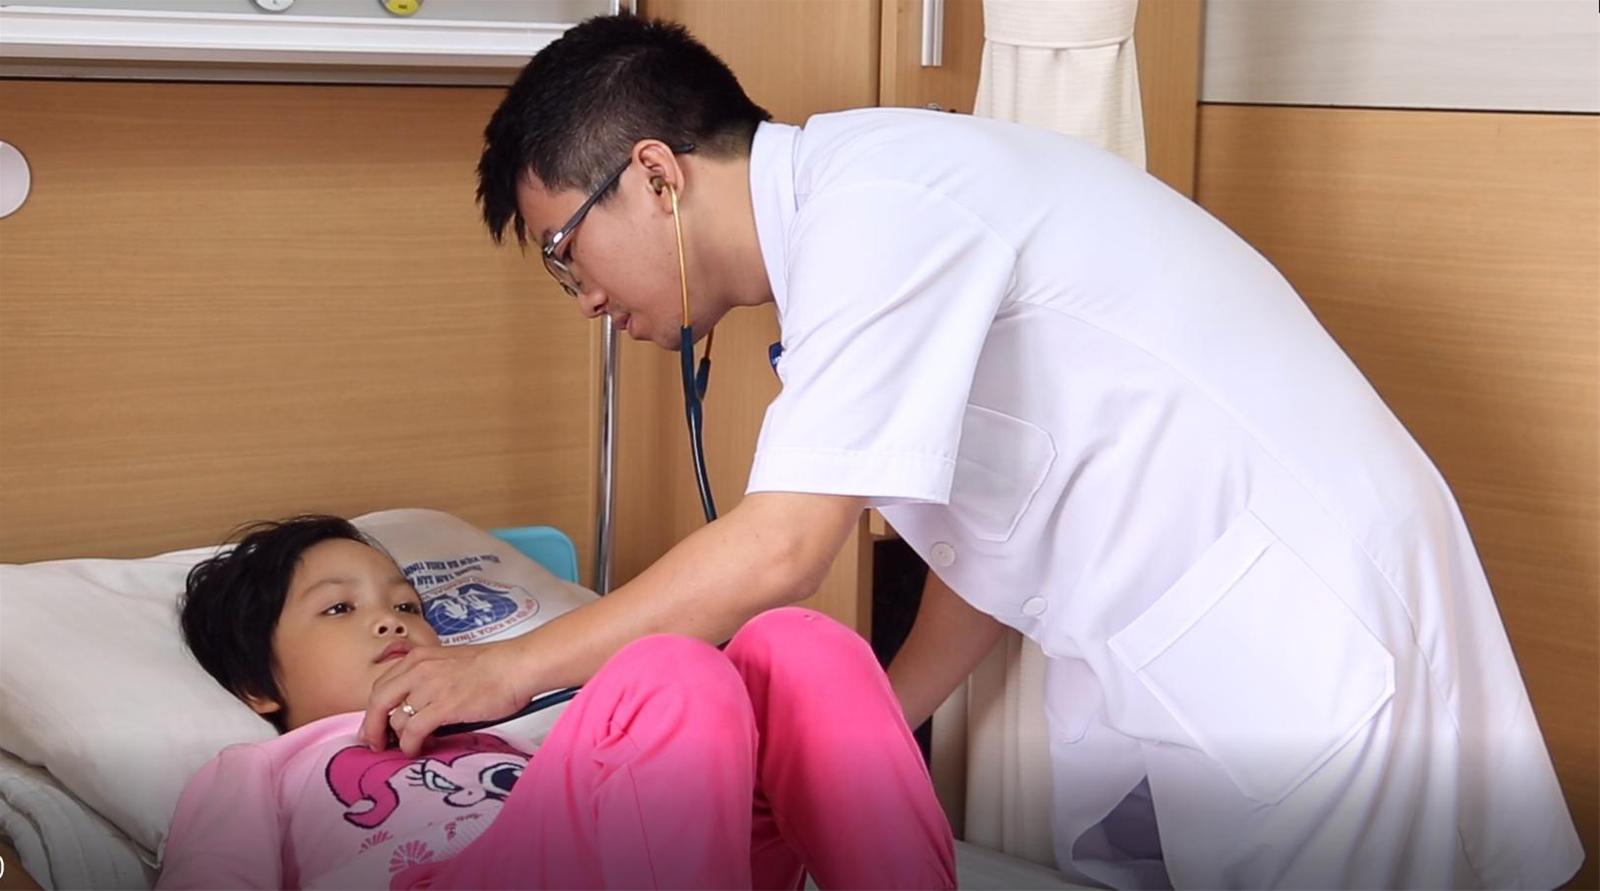 Bác sĩ điểm những lưu ý trong việc chăm sóc trẻ bị cúm